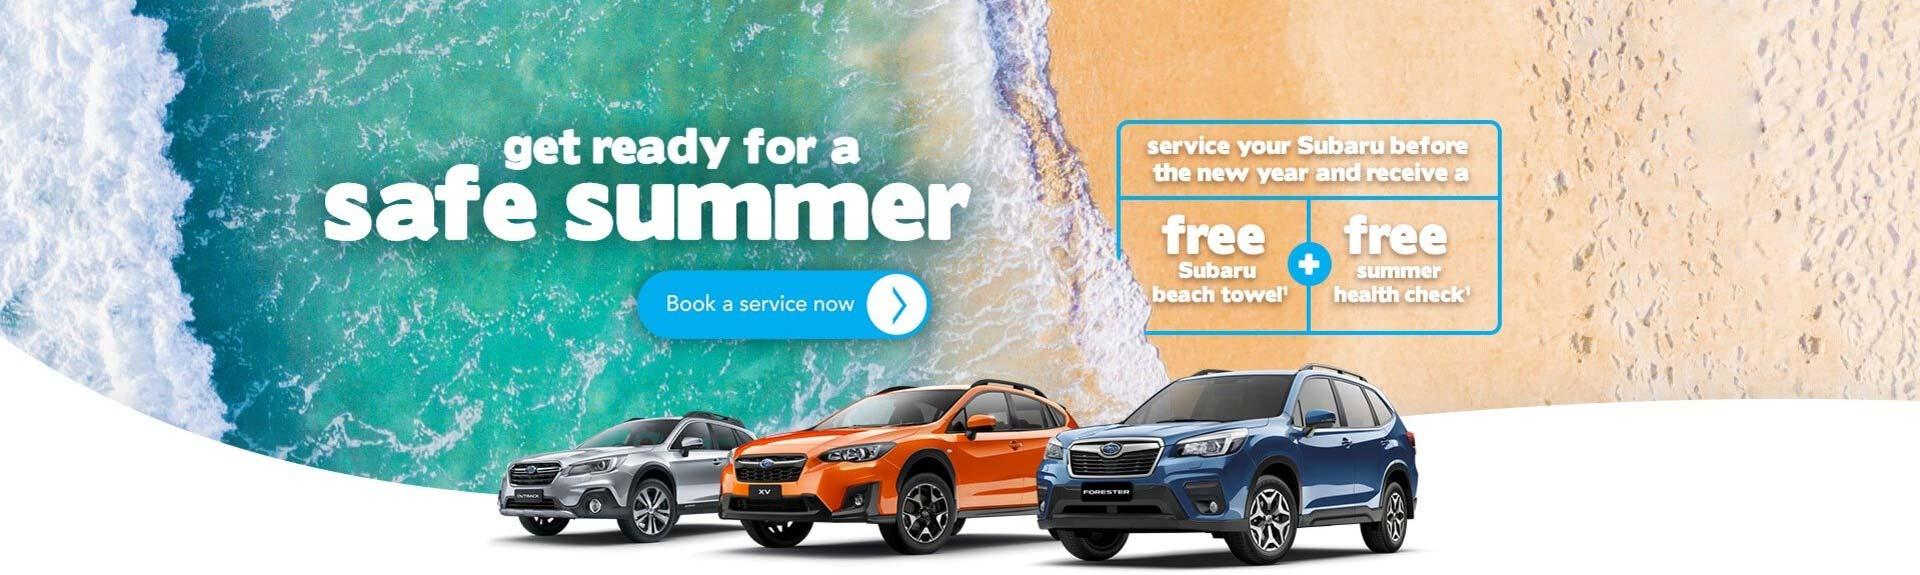 Trivett Subaru Book A Service